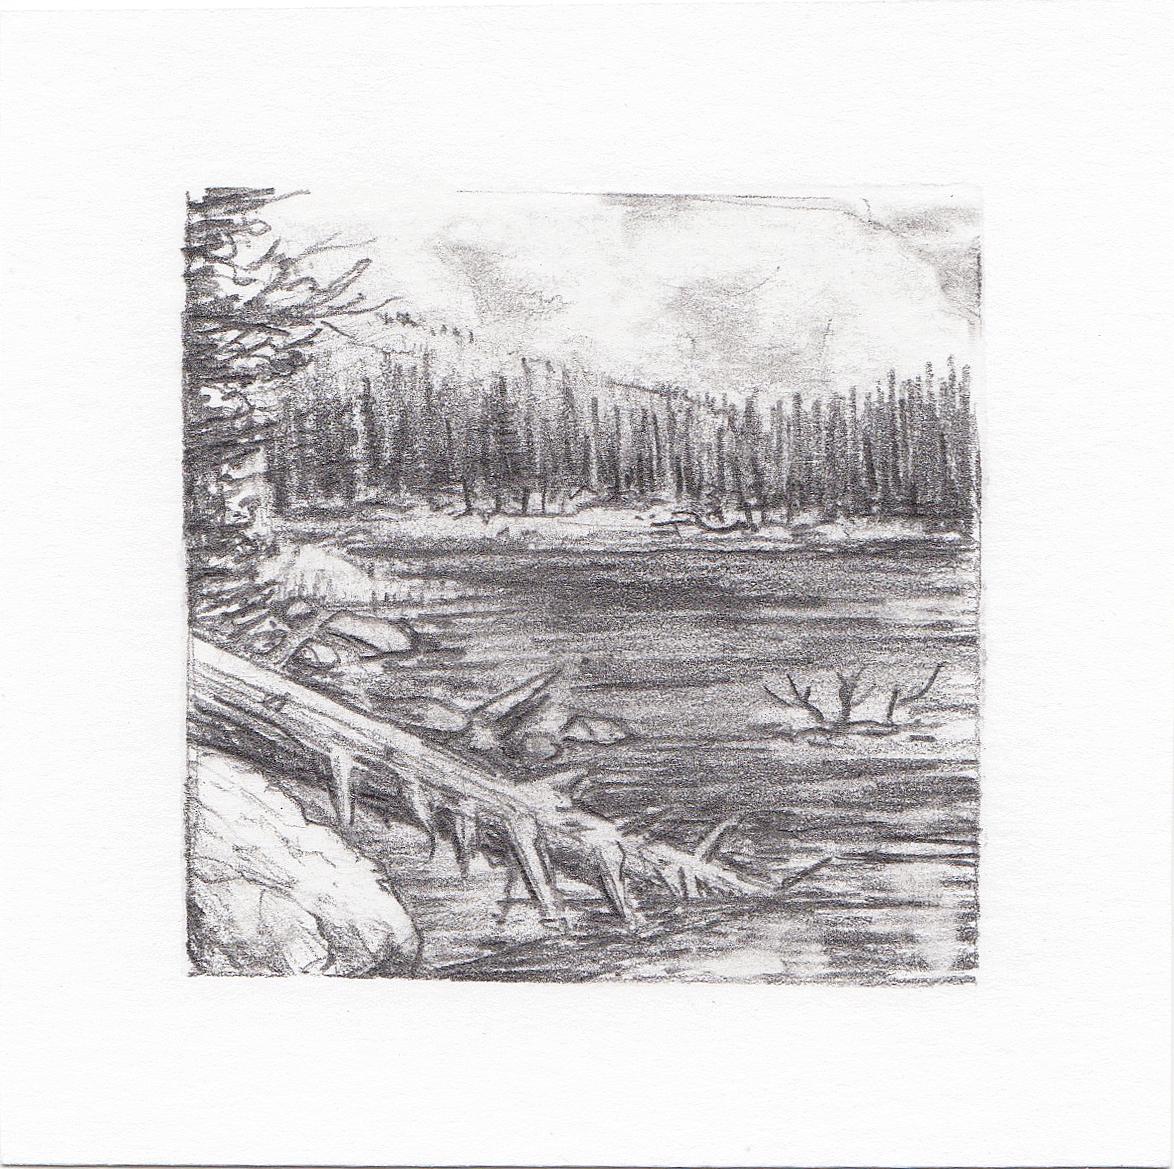 #57 Hayden Lake, Uinta Mountains, Utah | 3x3 | graphite